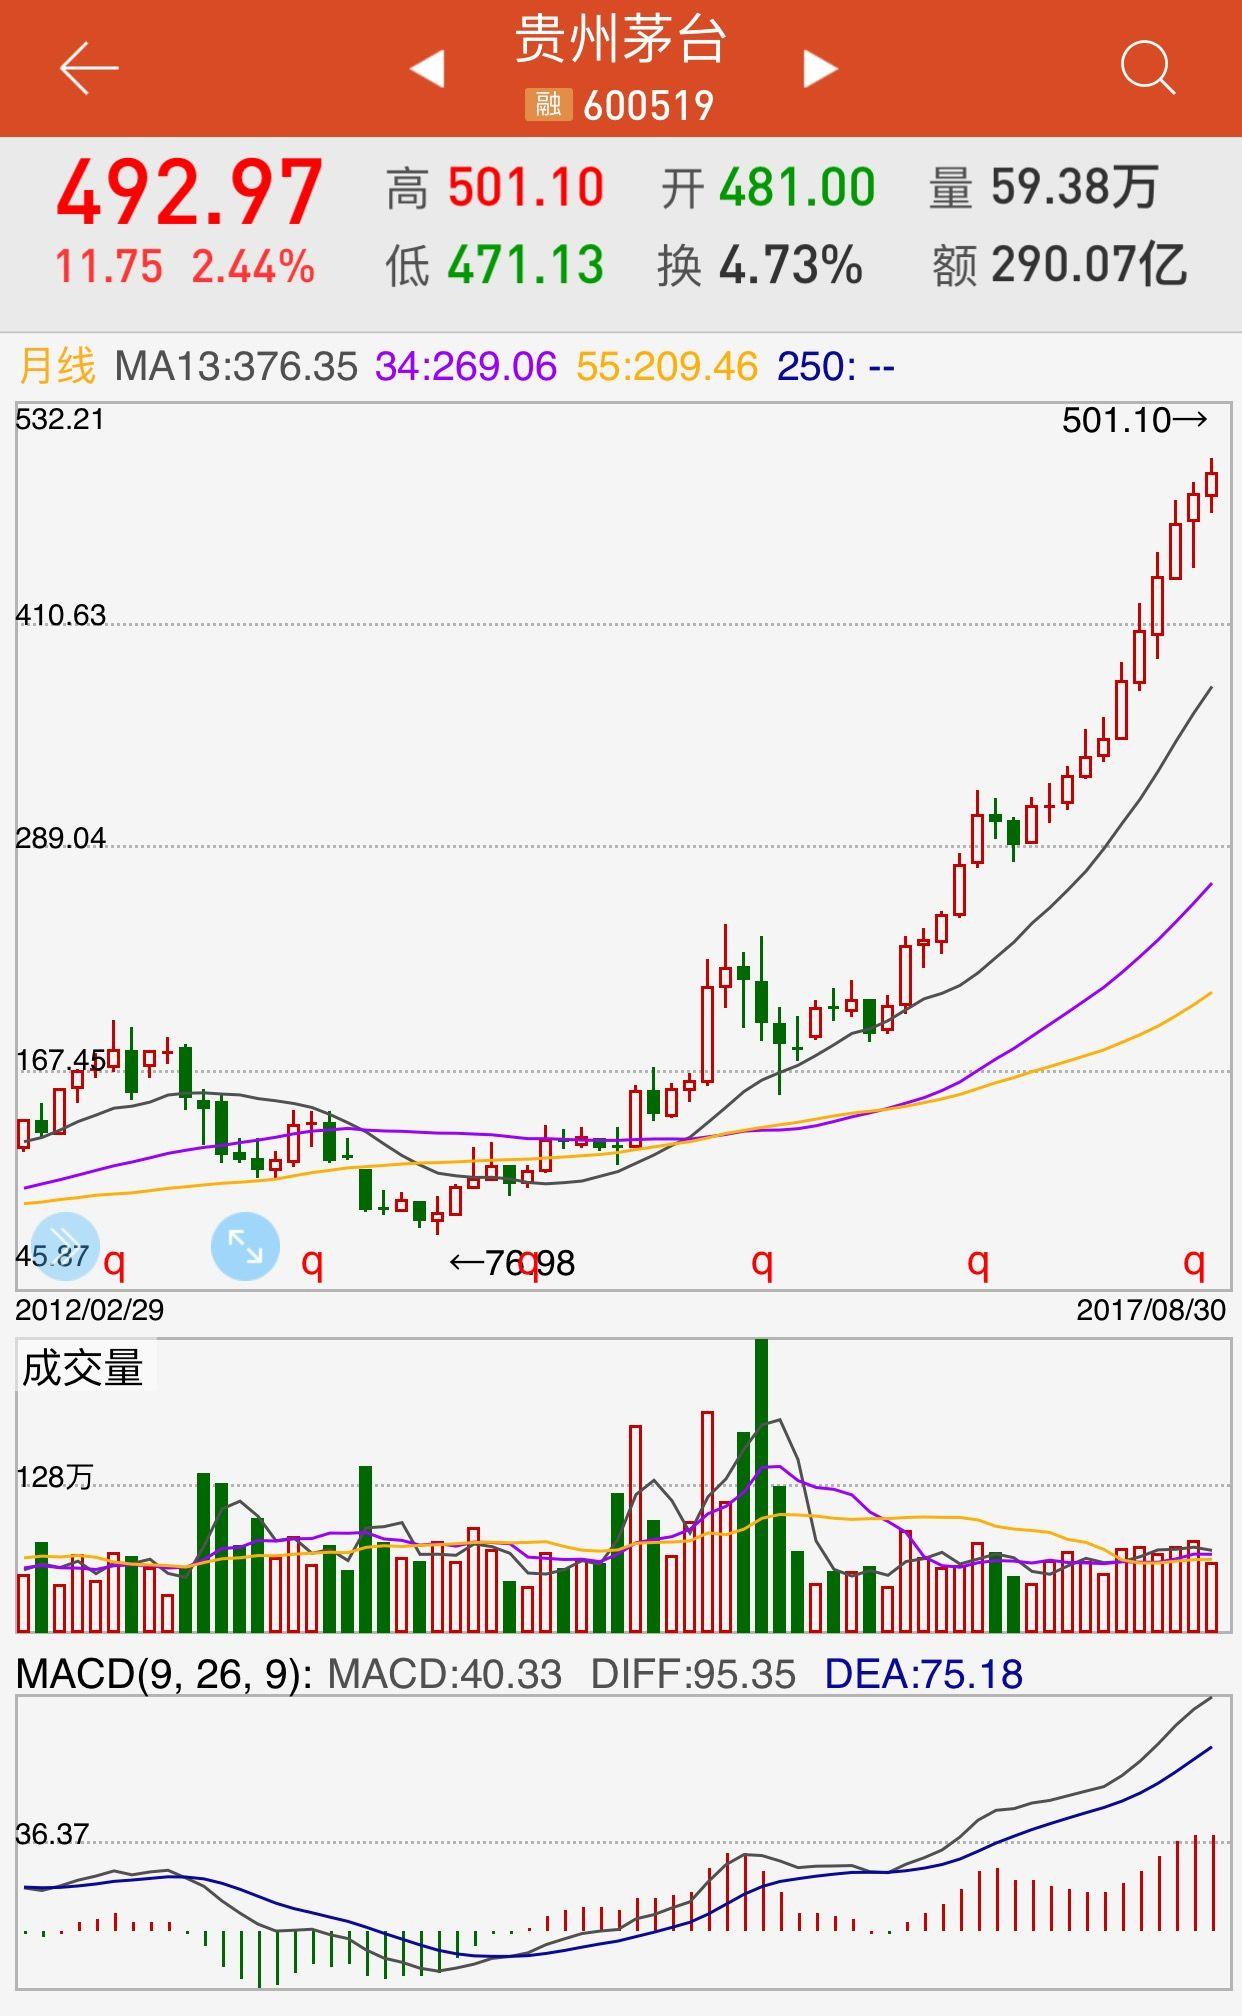 600519 贵州茅台 The Most Expensive Stock In China But It Still